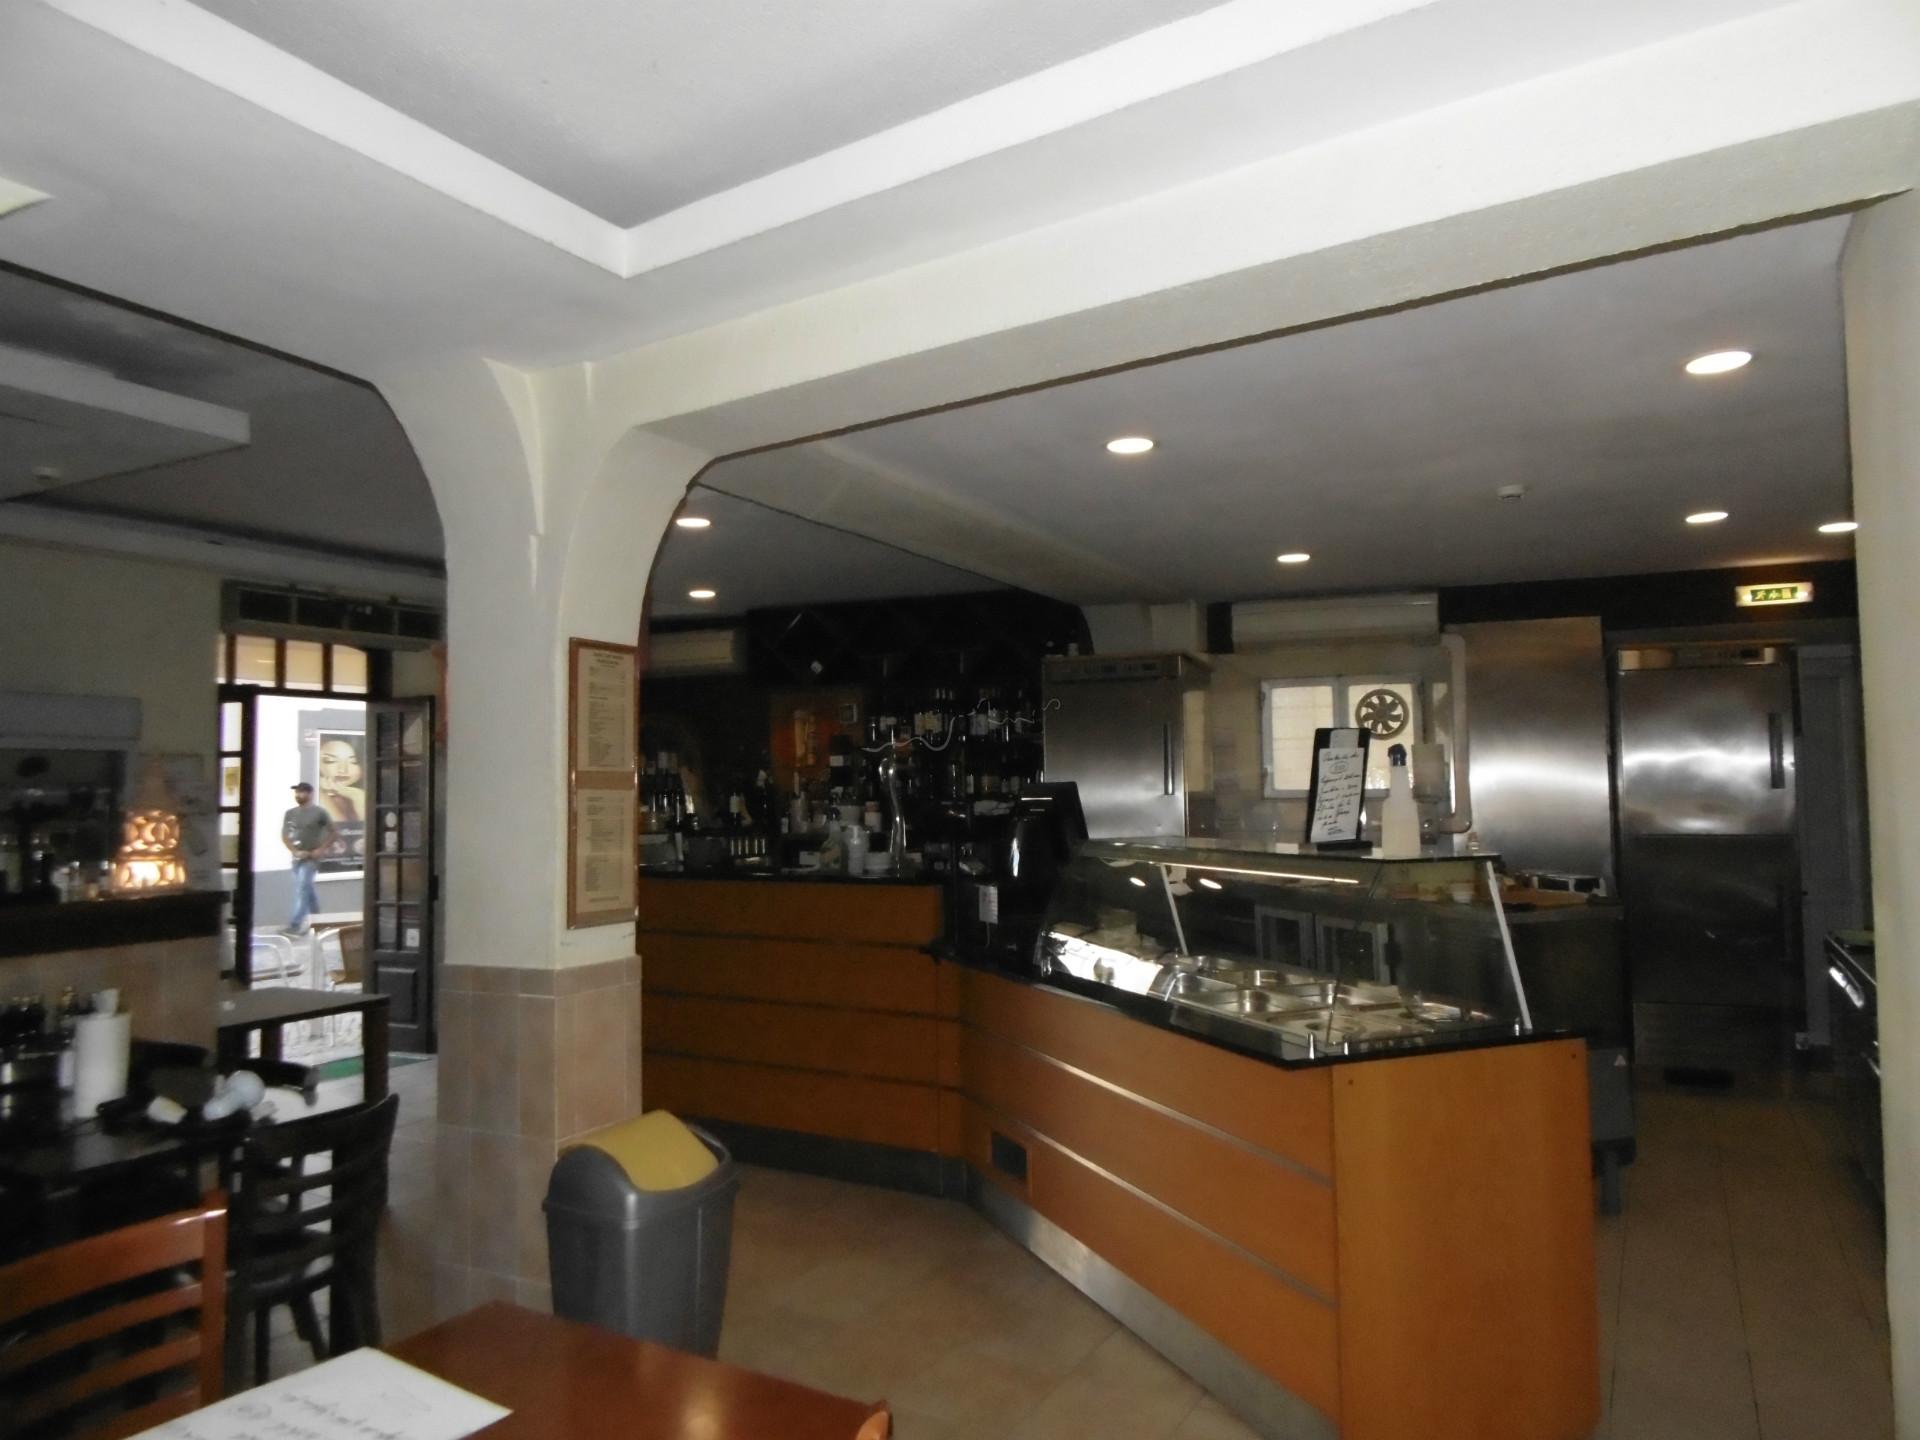 Restaurante - Trespasse - Totalmente Equipado - Portimão - Centro